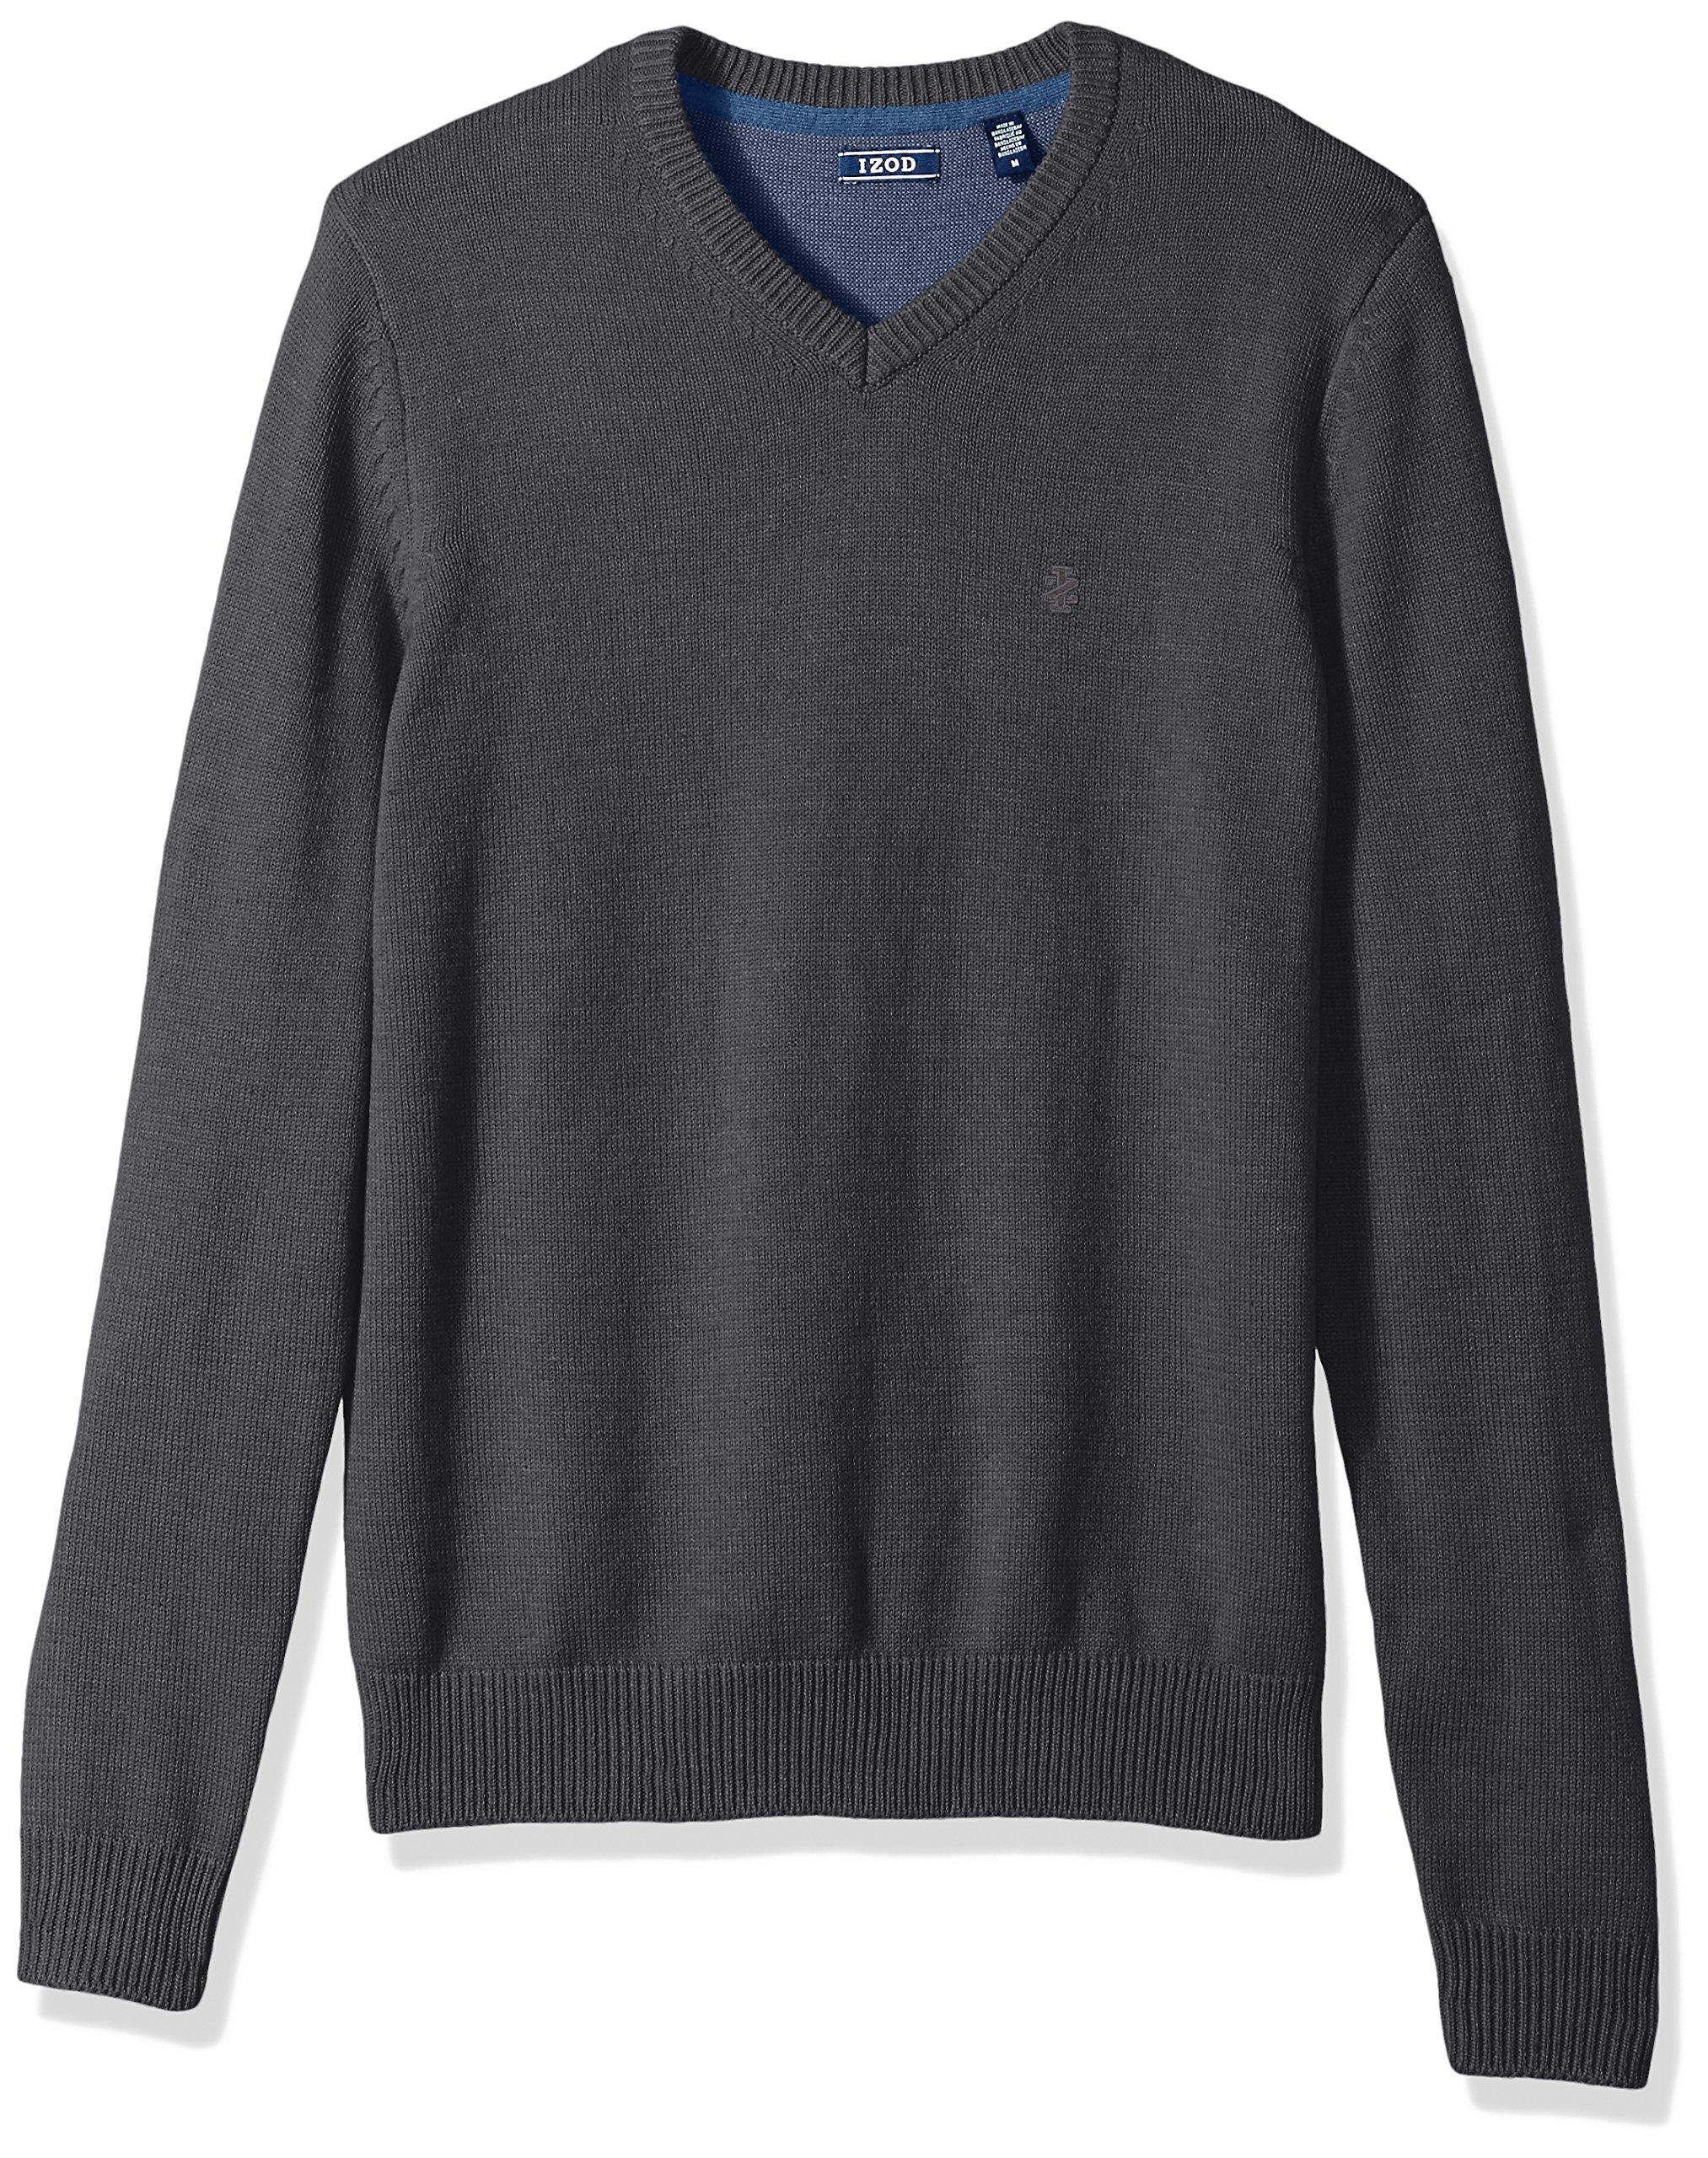 IZOD Men's Fine Gauge Solid V-Neck Sweater, Asphalt, Medium by IZOD (Image #1)